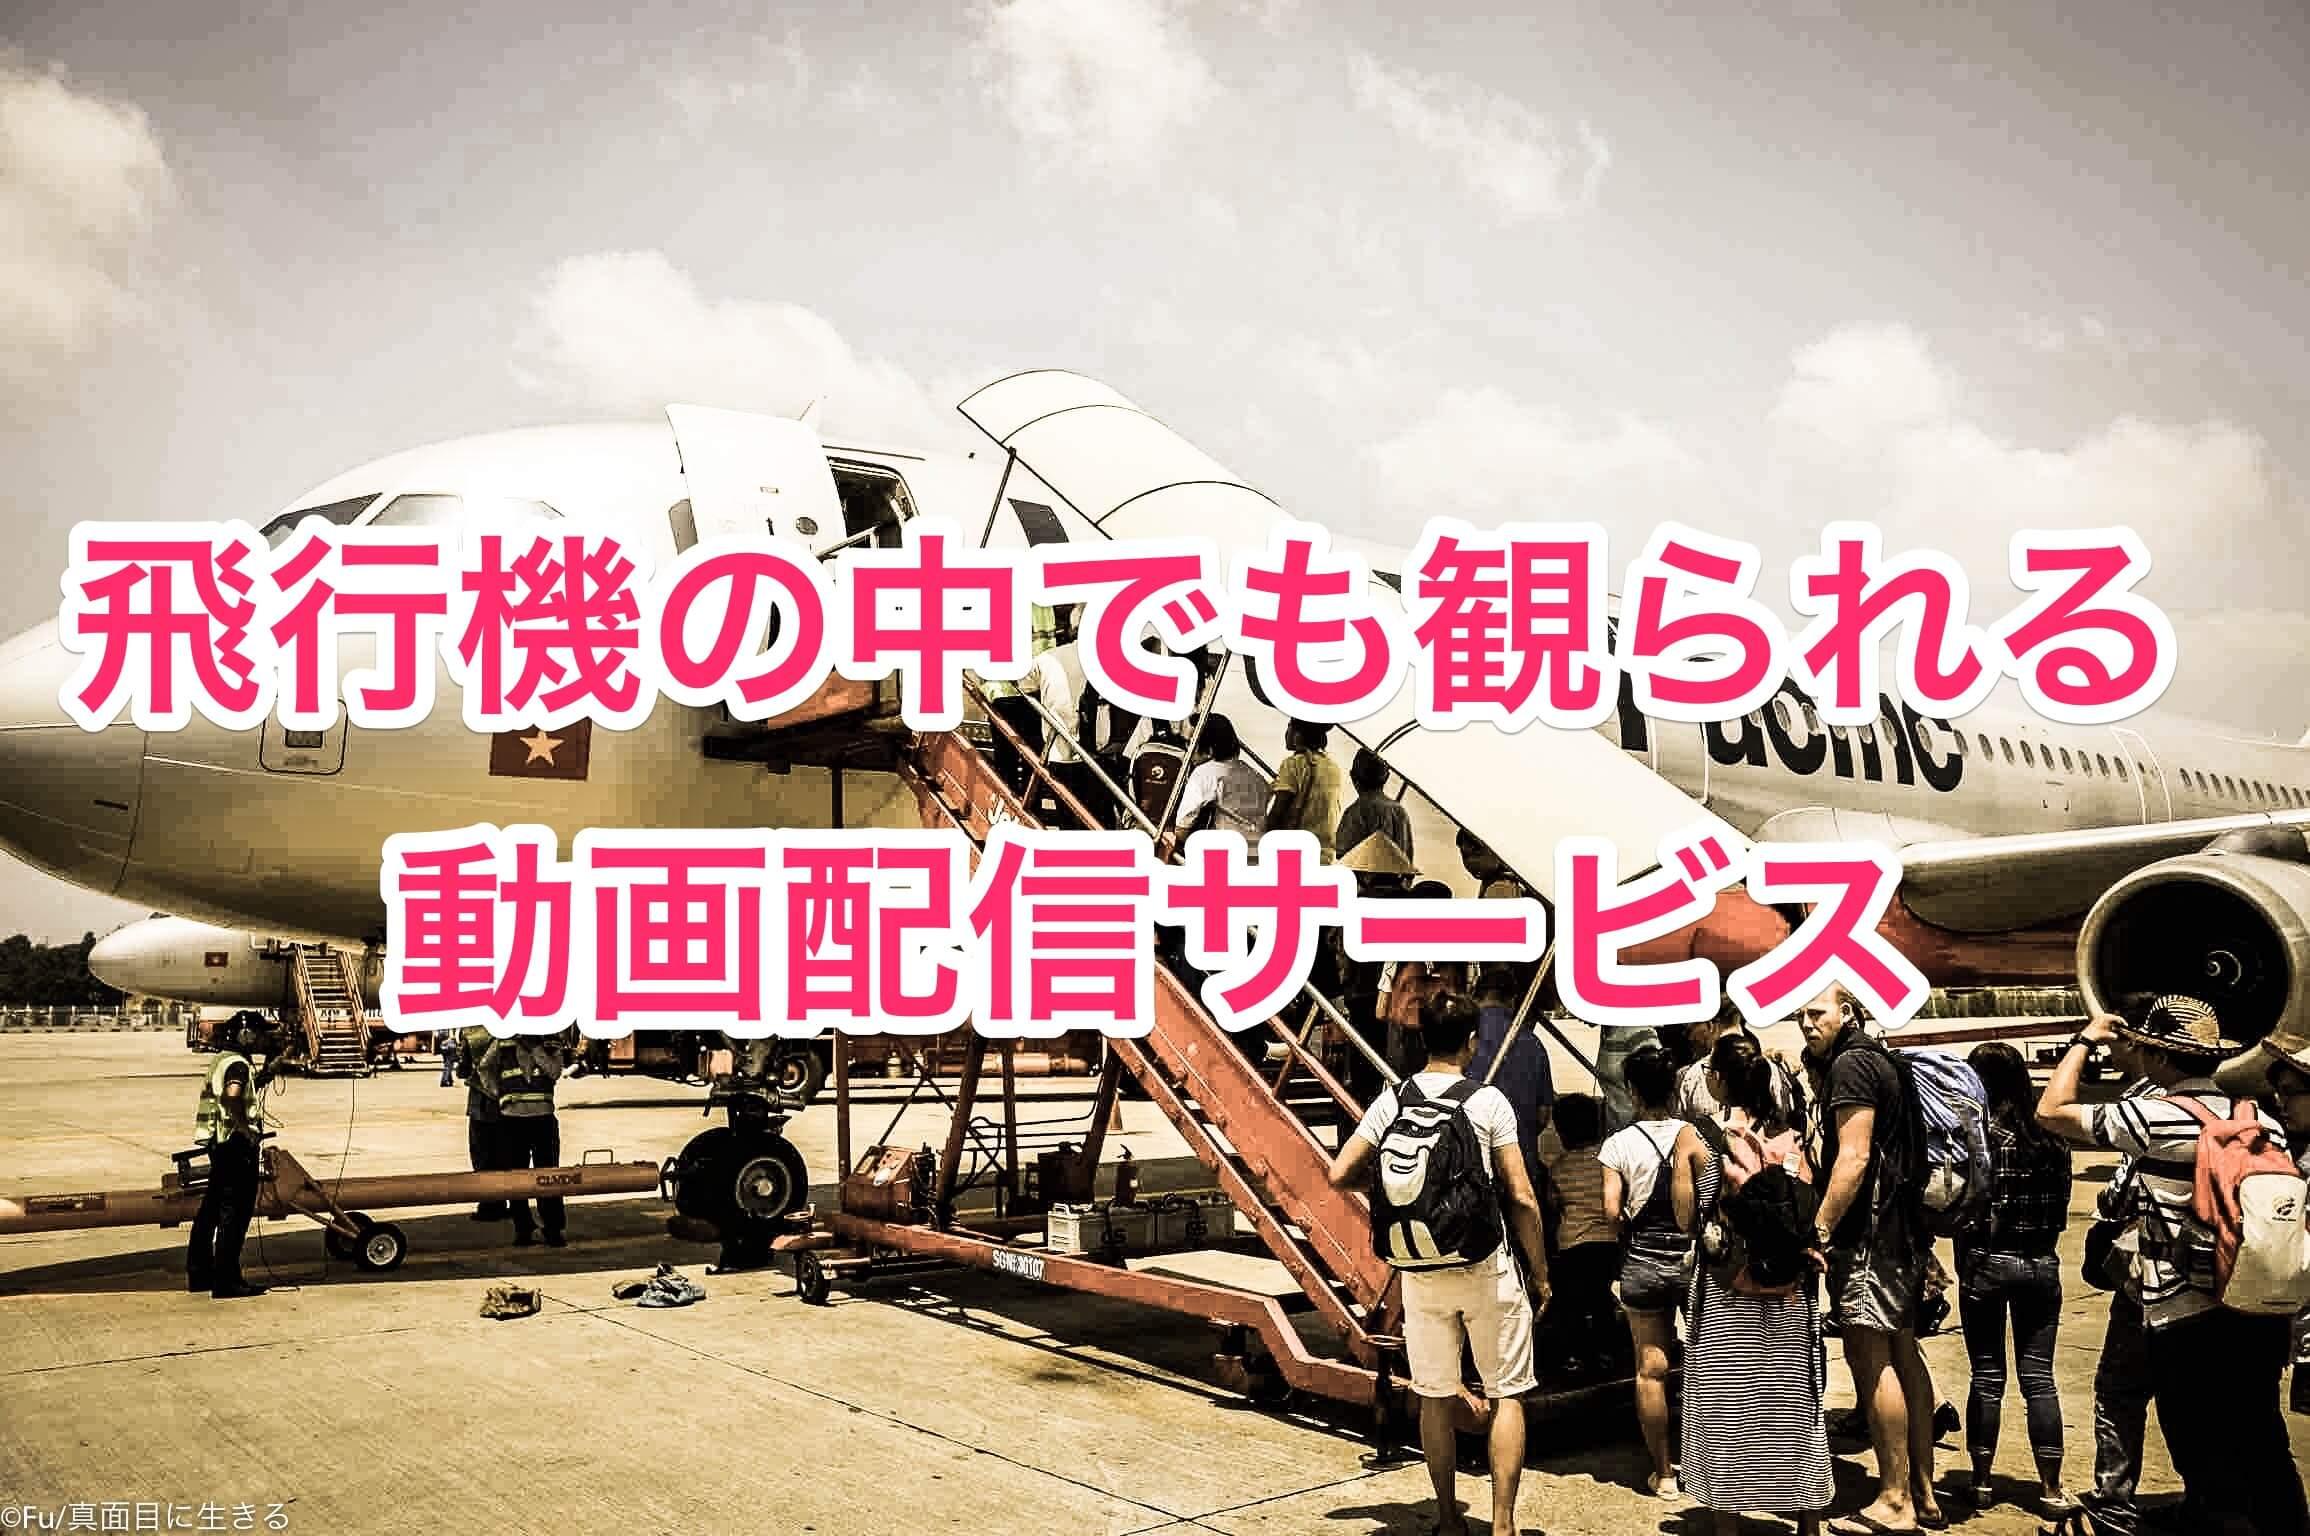 飛行機の中でも観られる動画配信サービスまとめ スマホ・タブレットで視聴